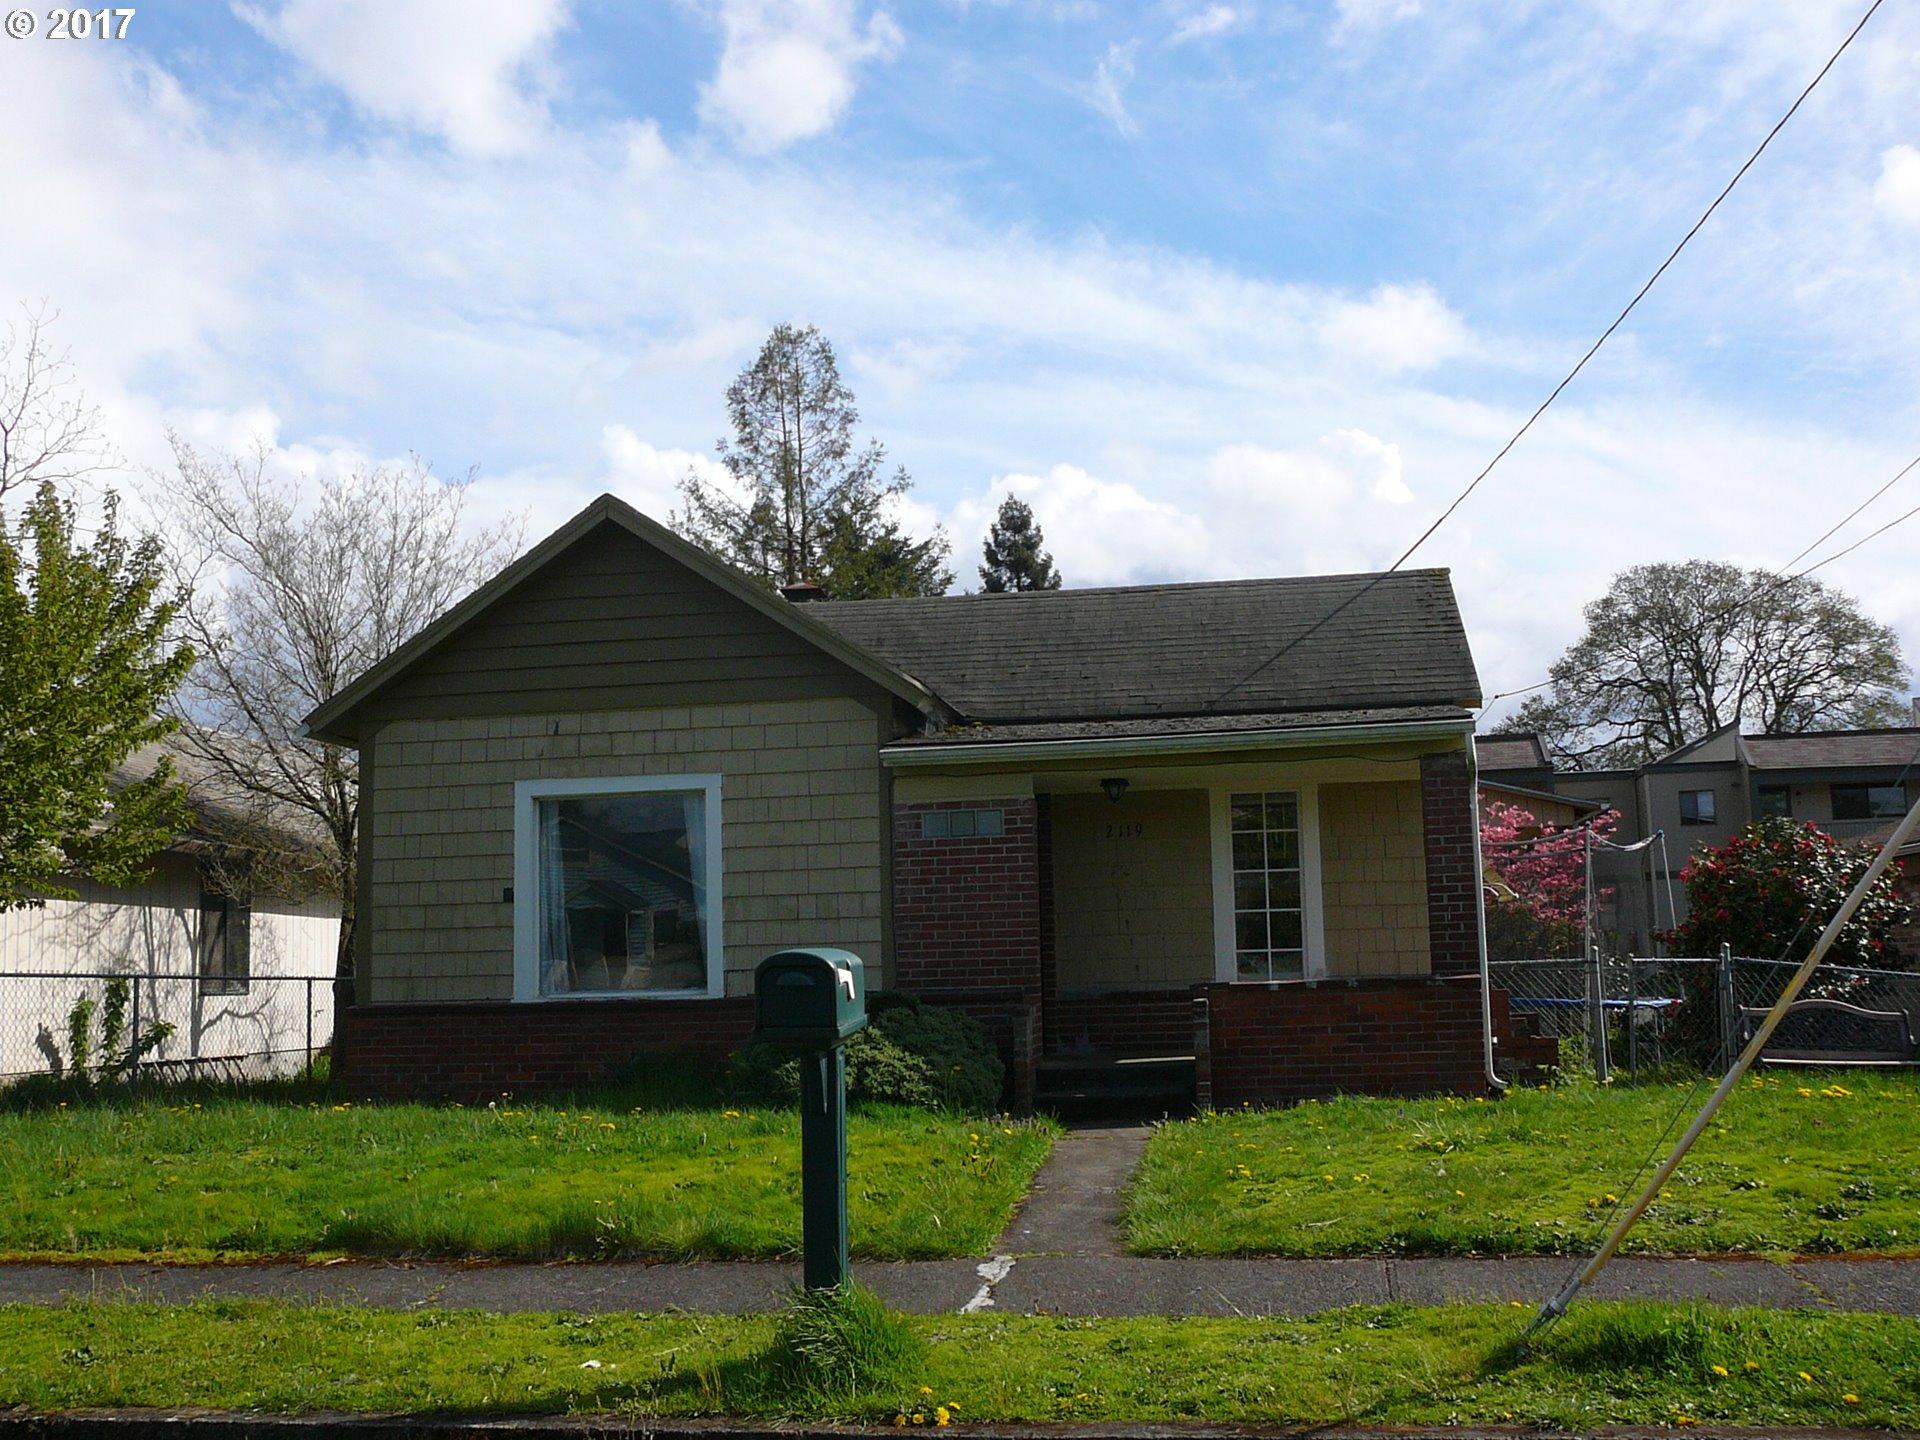 2119 E 8TH ST, Vancouver, WA 98661